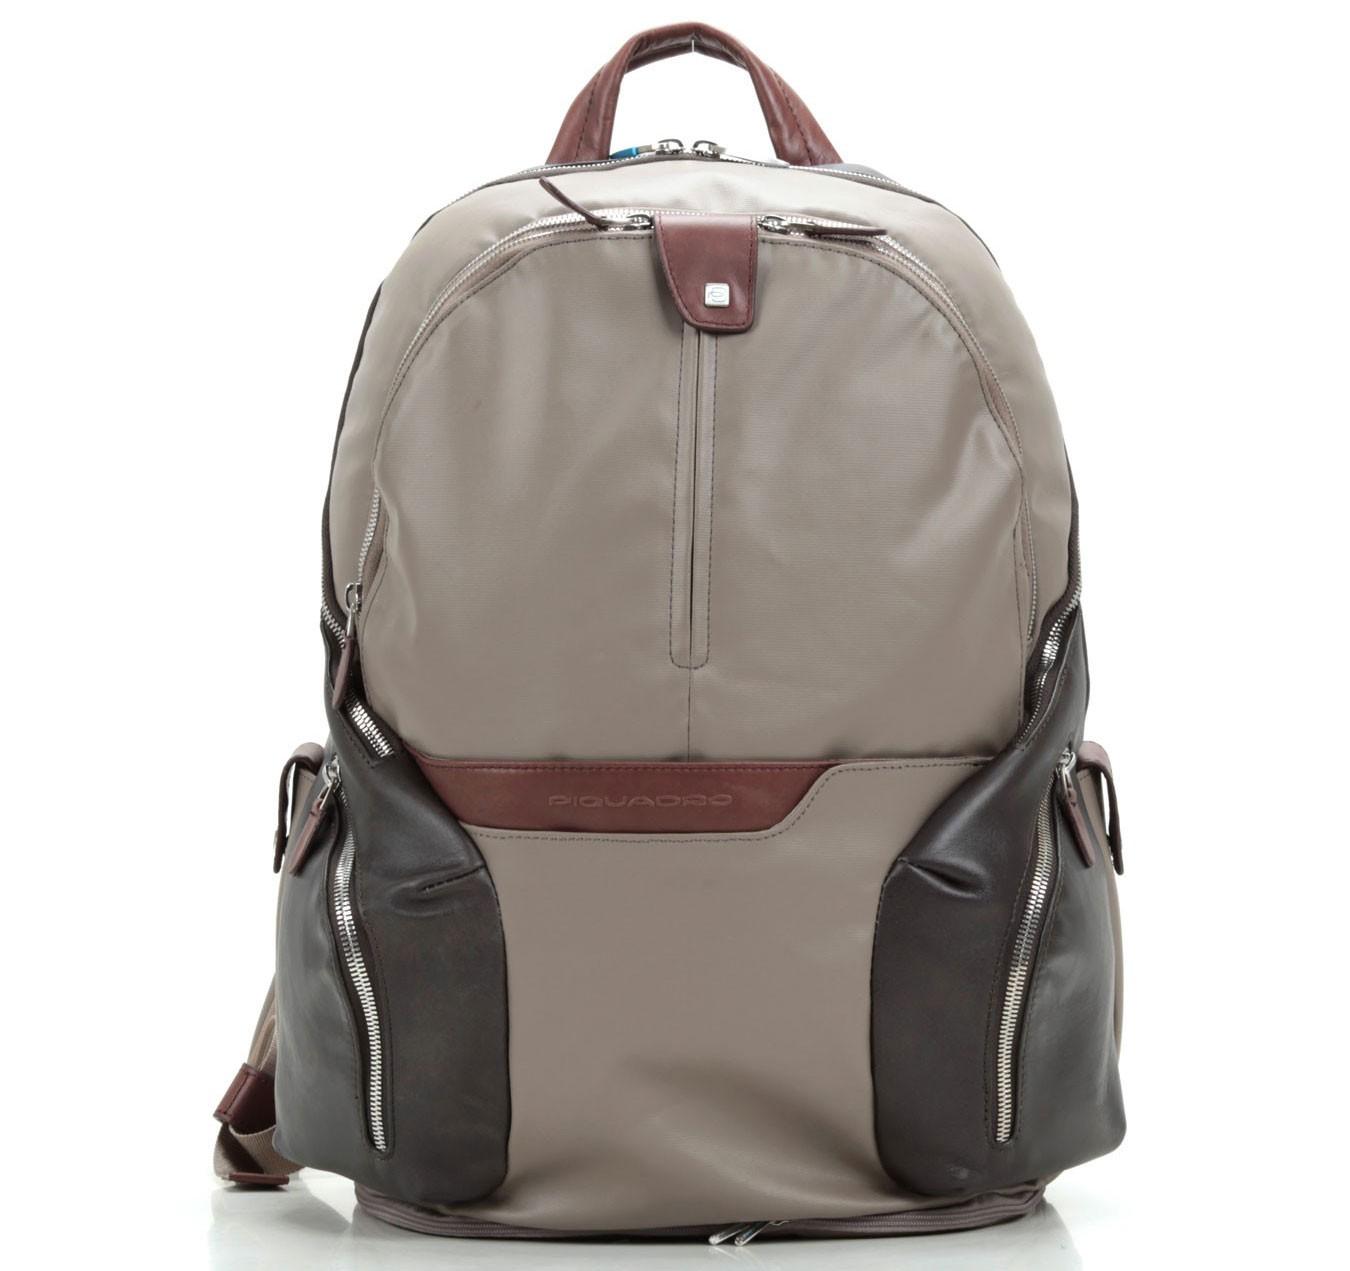 Серый большой функциональный рюкзак Piquadro Coleos